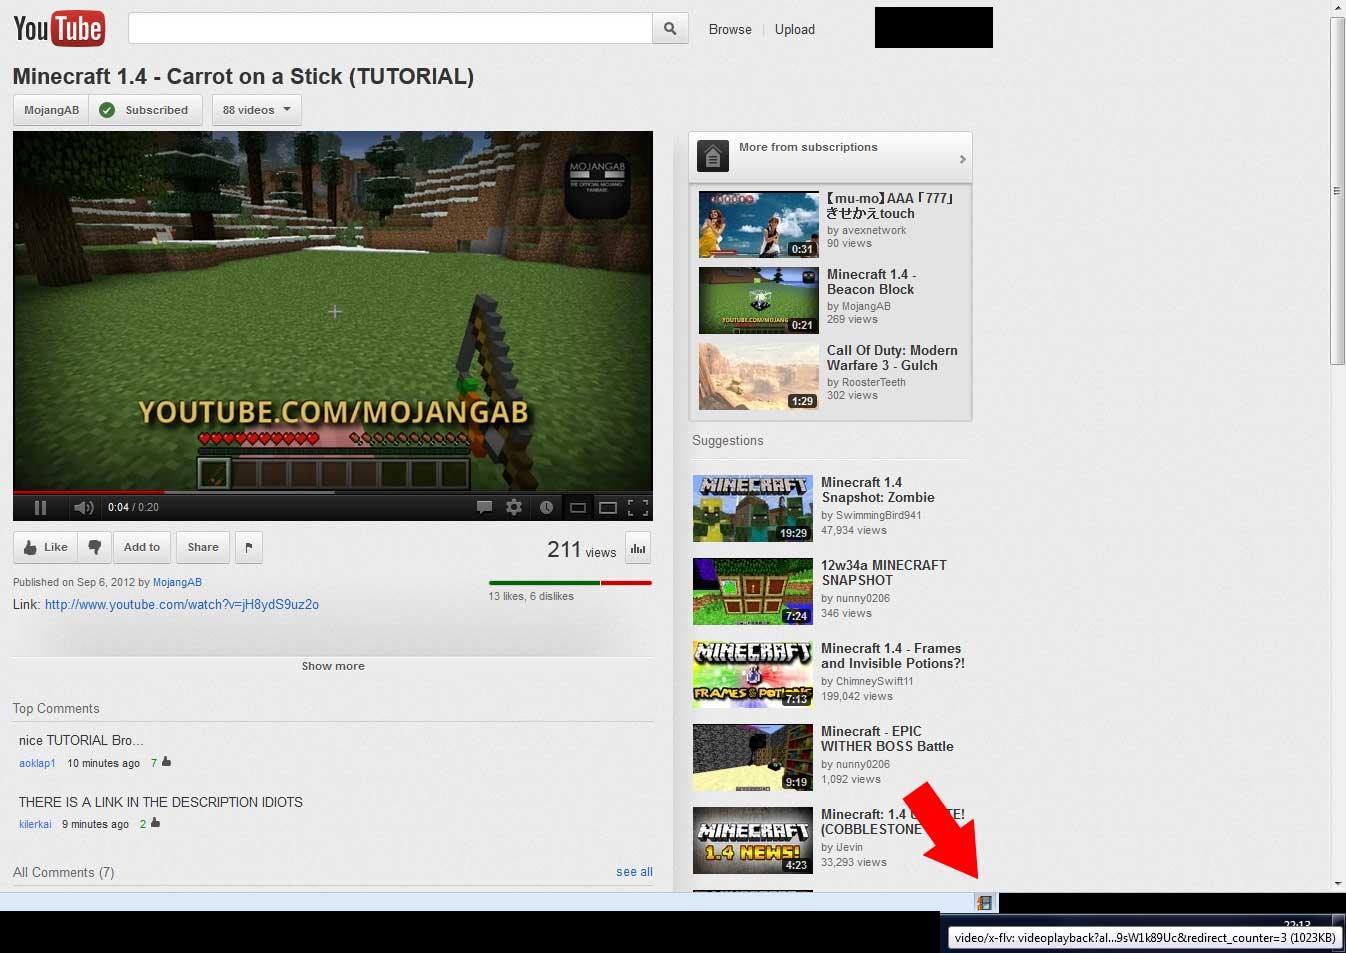 โปรแกรมดาวน์โหลด Youtube วิธีสังเกตว่าลิงก์ใช้งานได้รึเปล่า